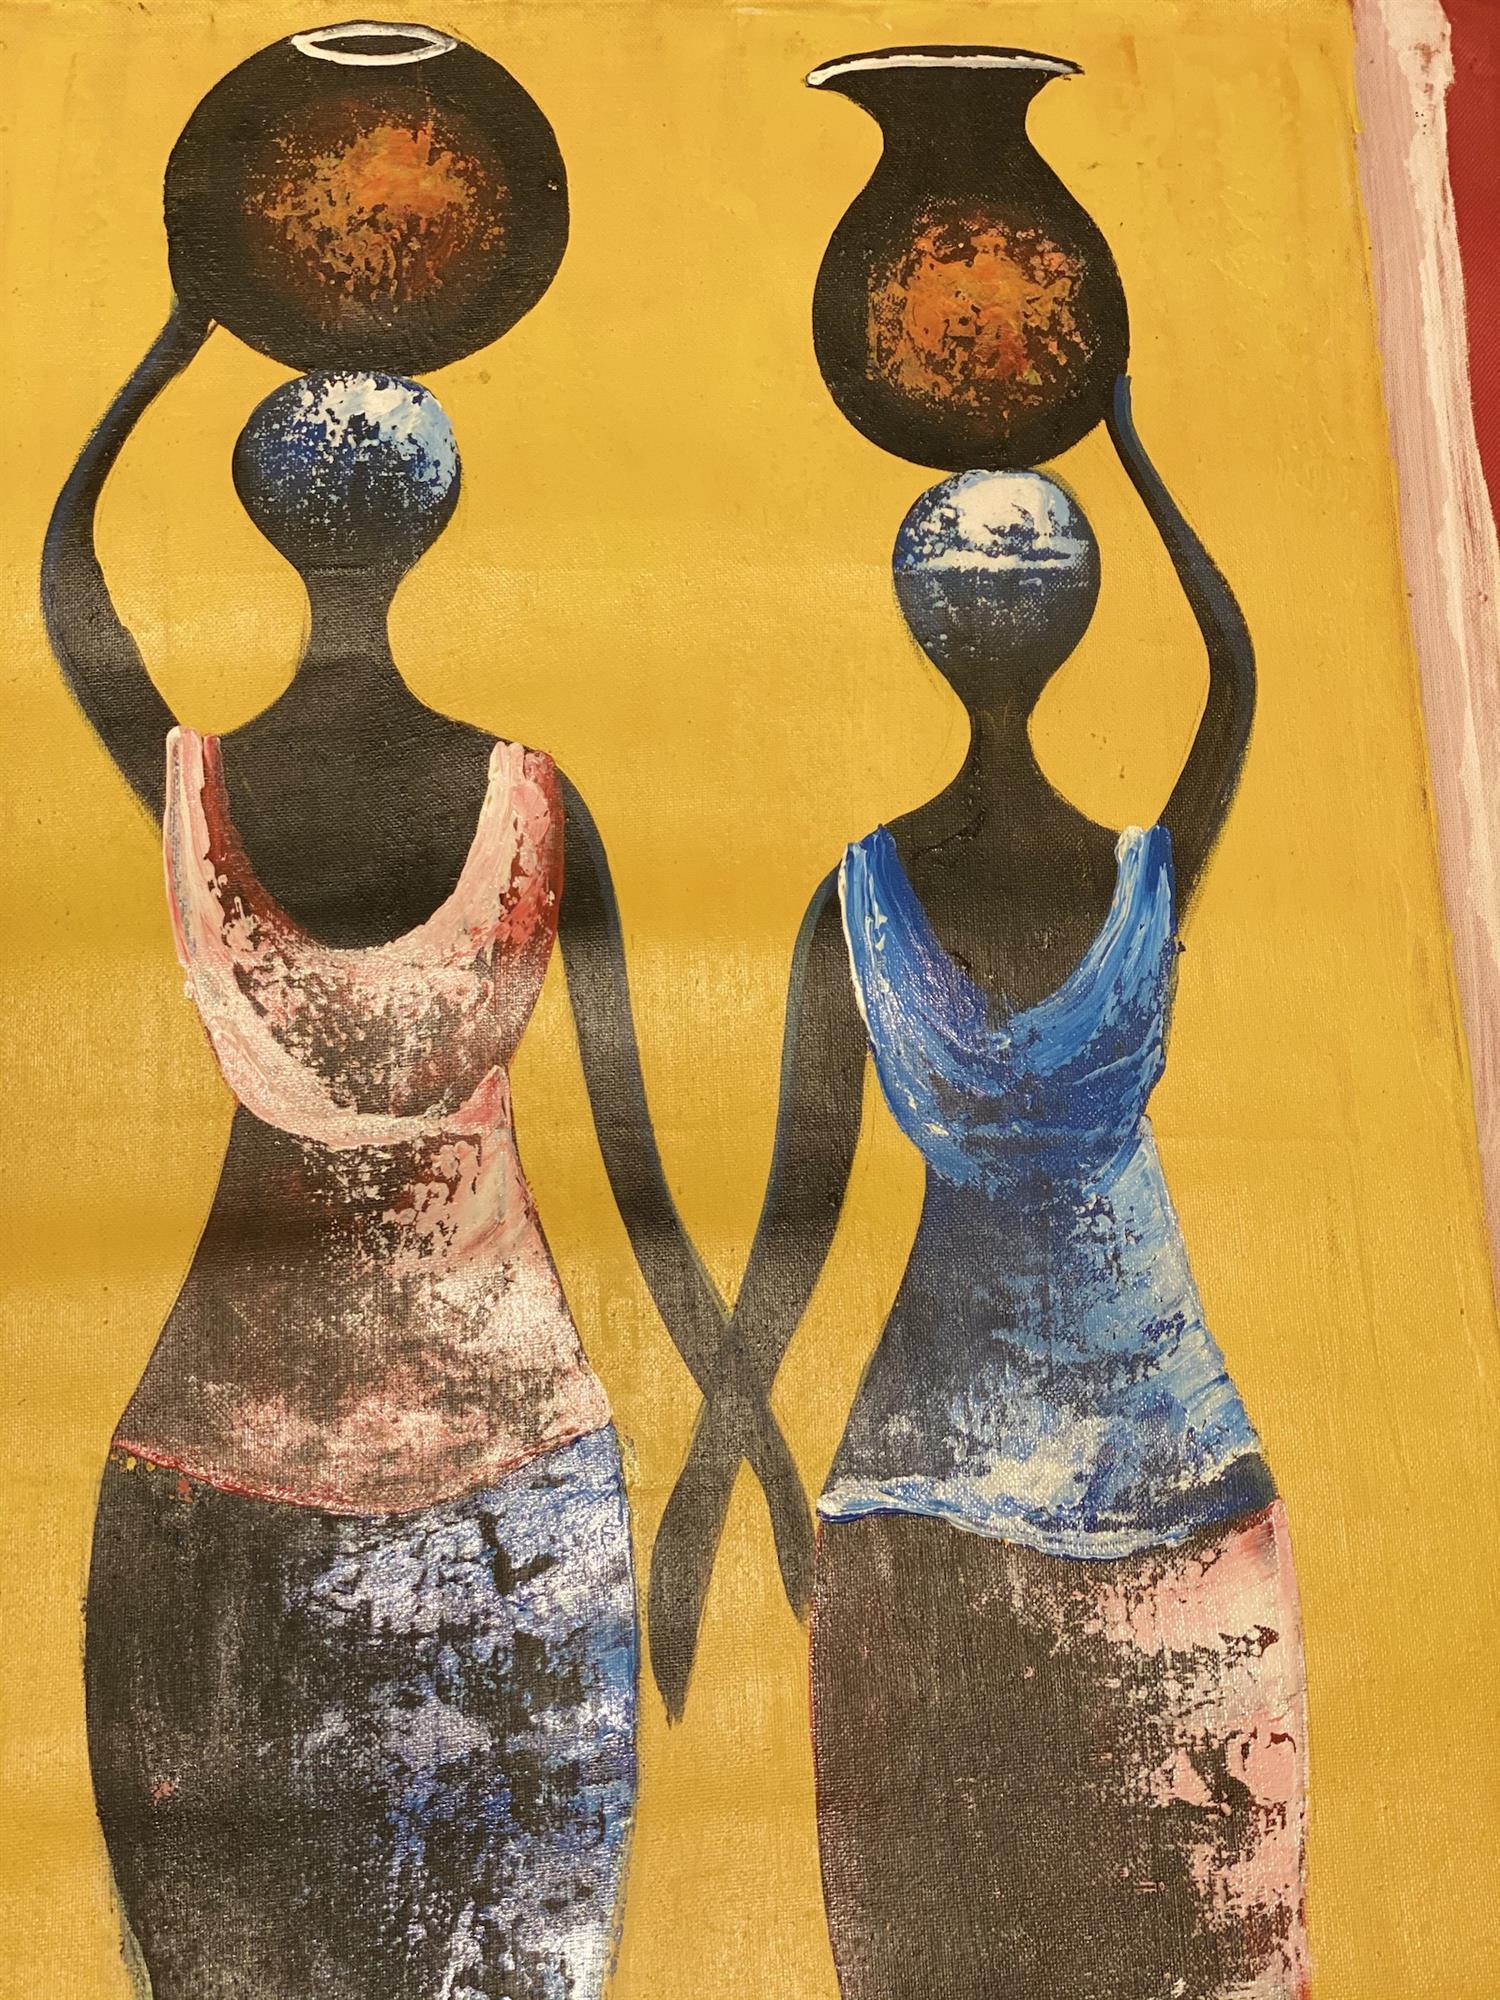 Maleri, 3 afrikanske kvinner som bærer krukker på hodet, detaljer